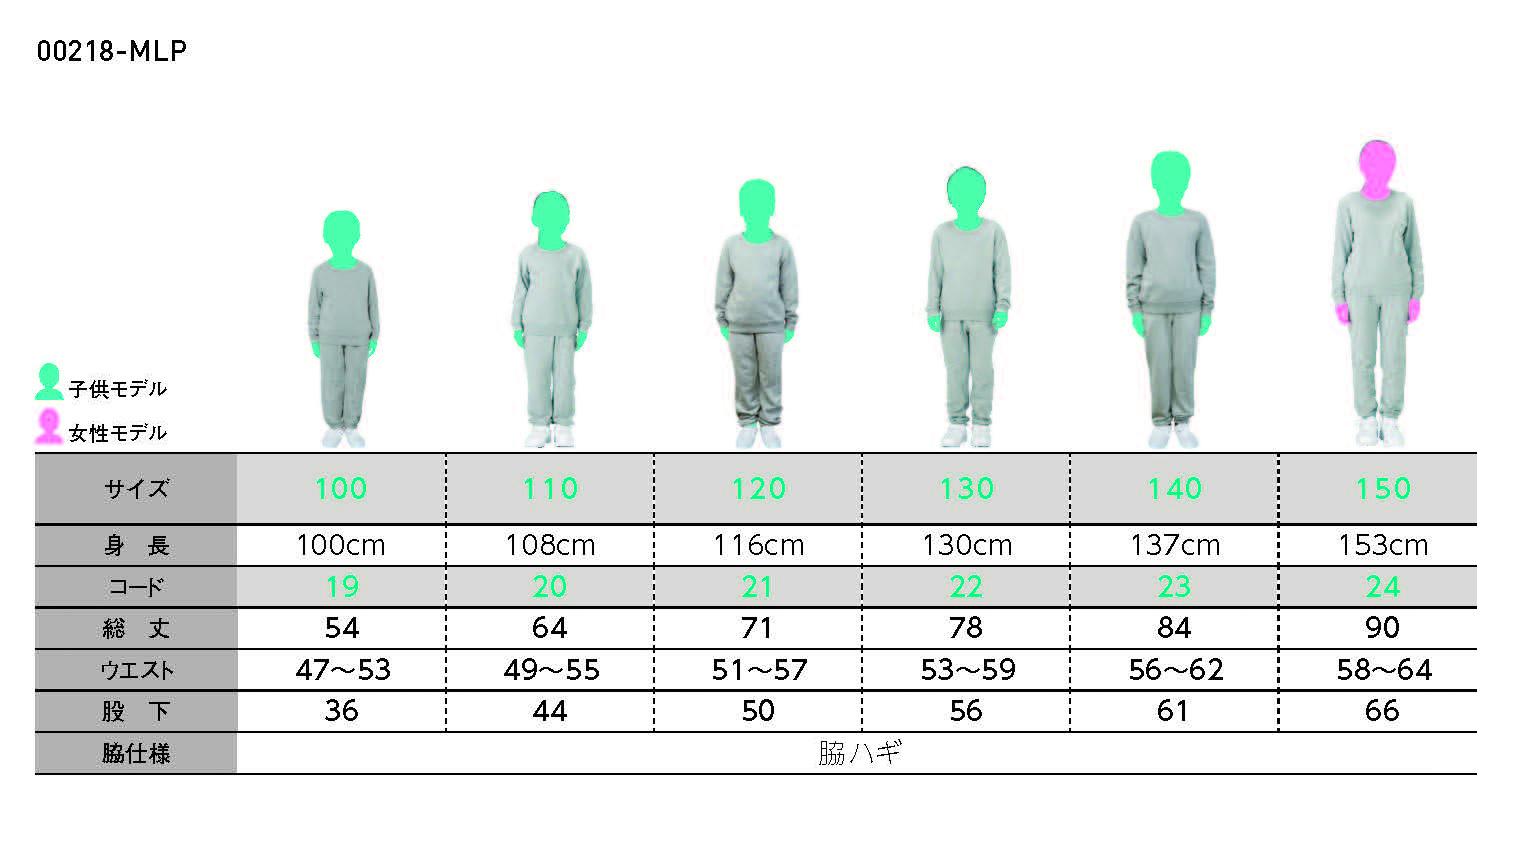 8.4オンス ライトスウェットパンツ(キッズサイズ)のサイズチャート